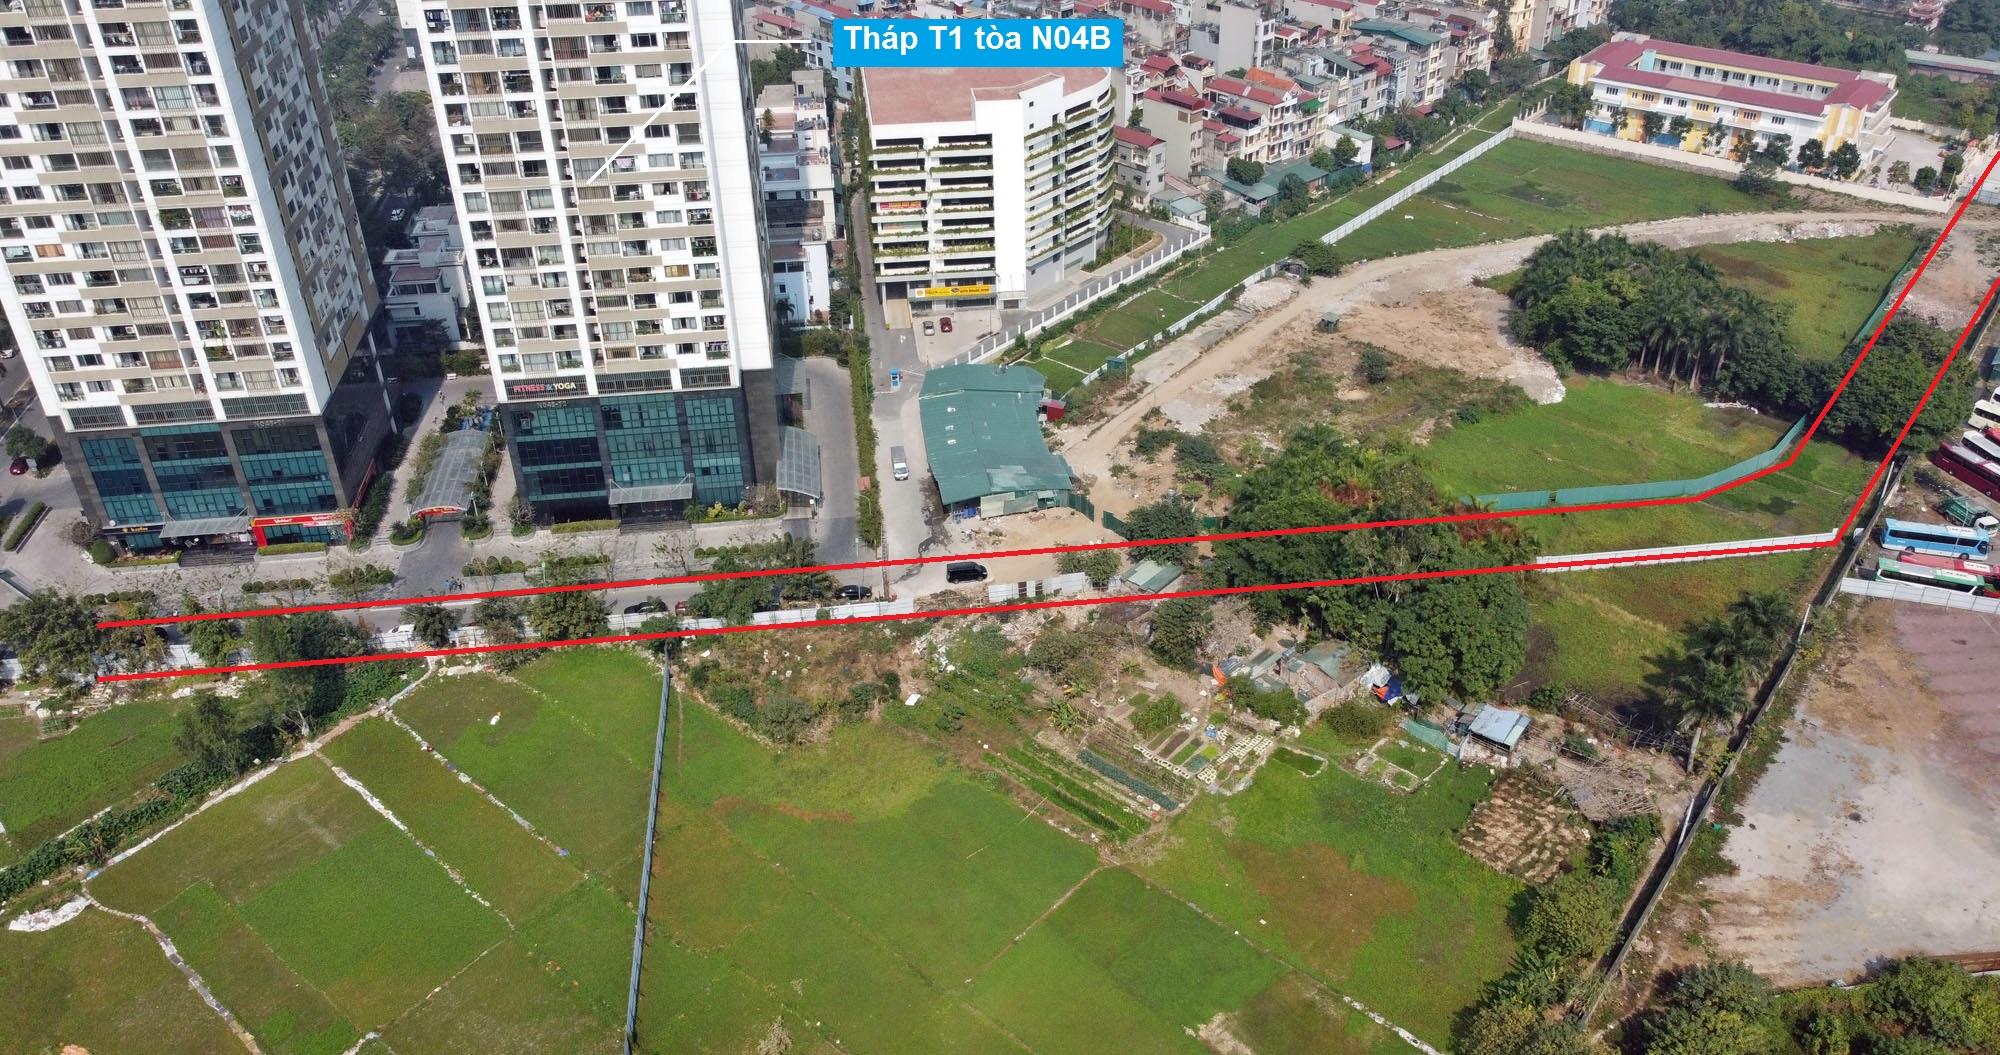 Ba đường sẽ mở theo qui hoạch ở phường Xuân Tảo, Bắc Từ Liêm, Hà Nội (phần 2) - Ảnh 8.